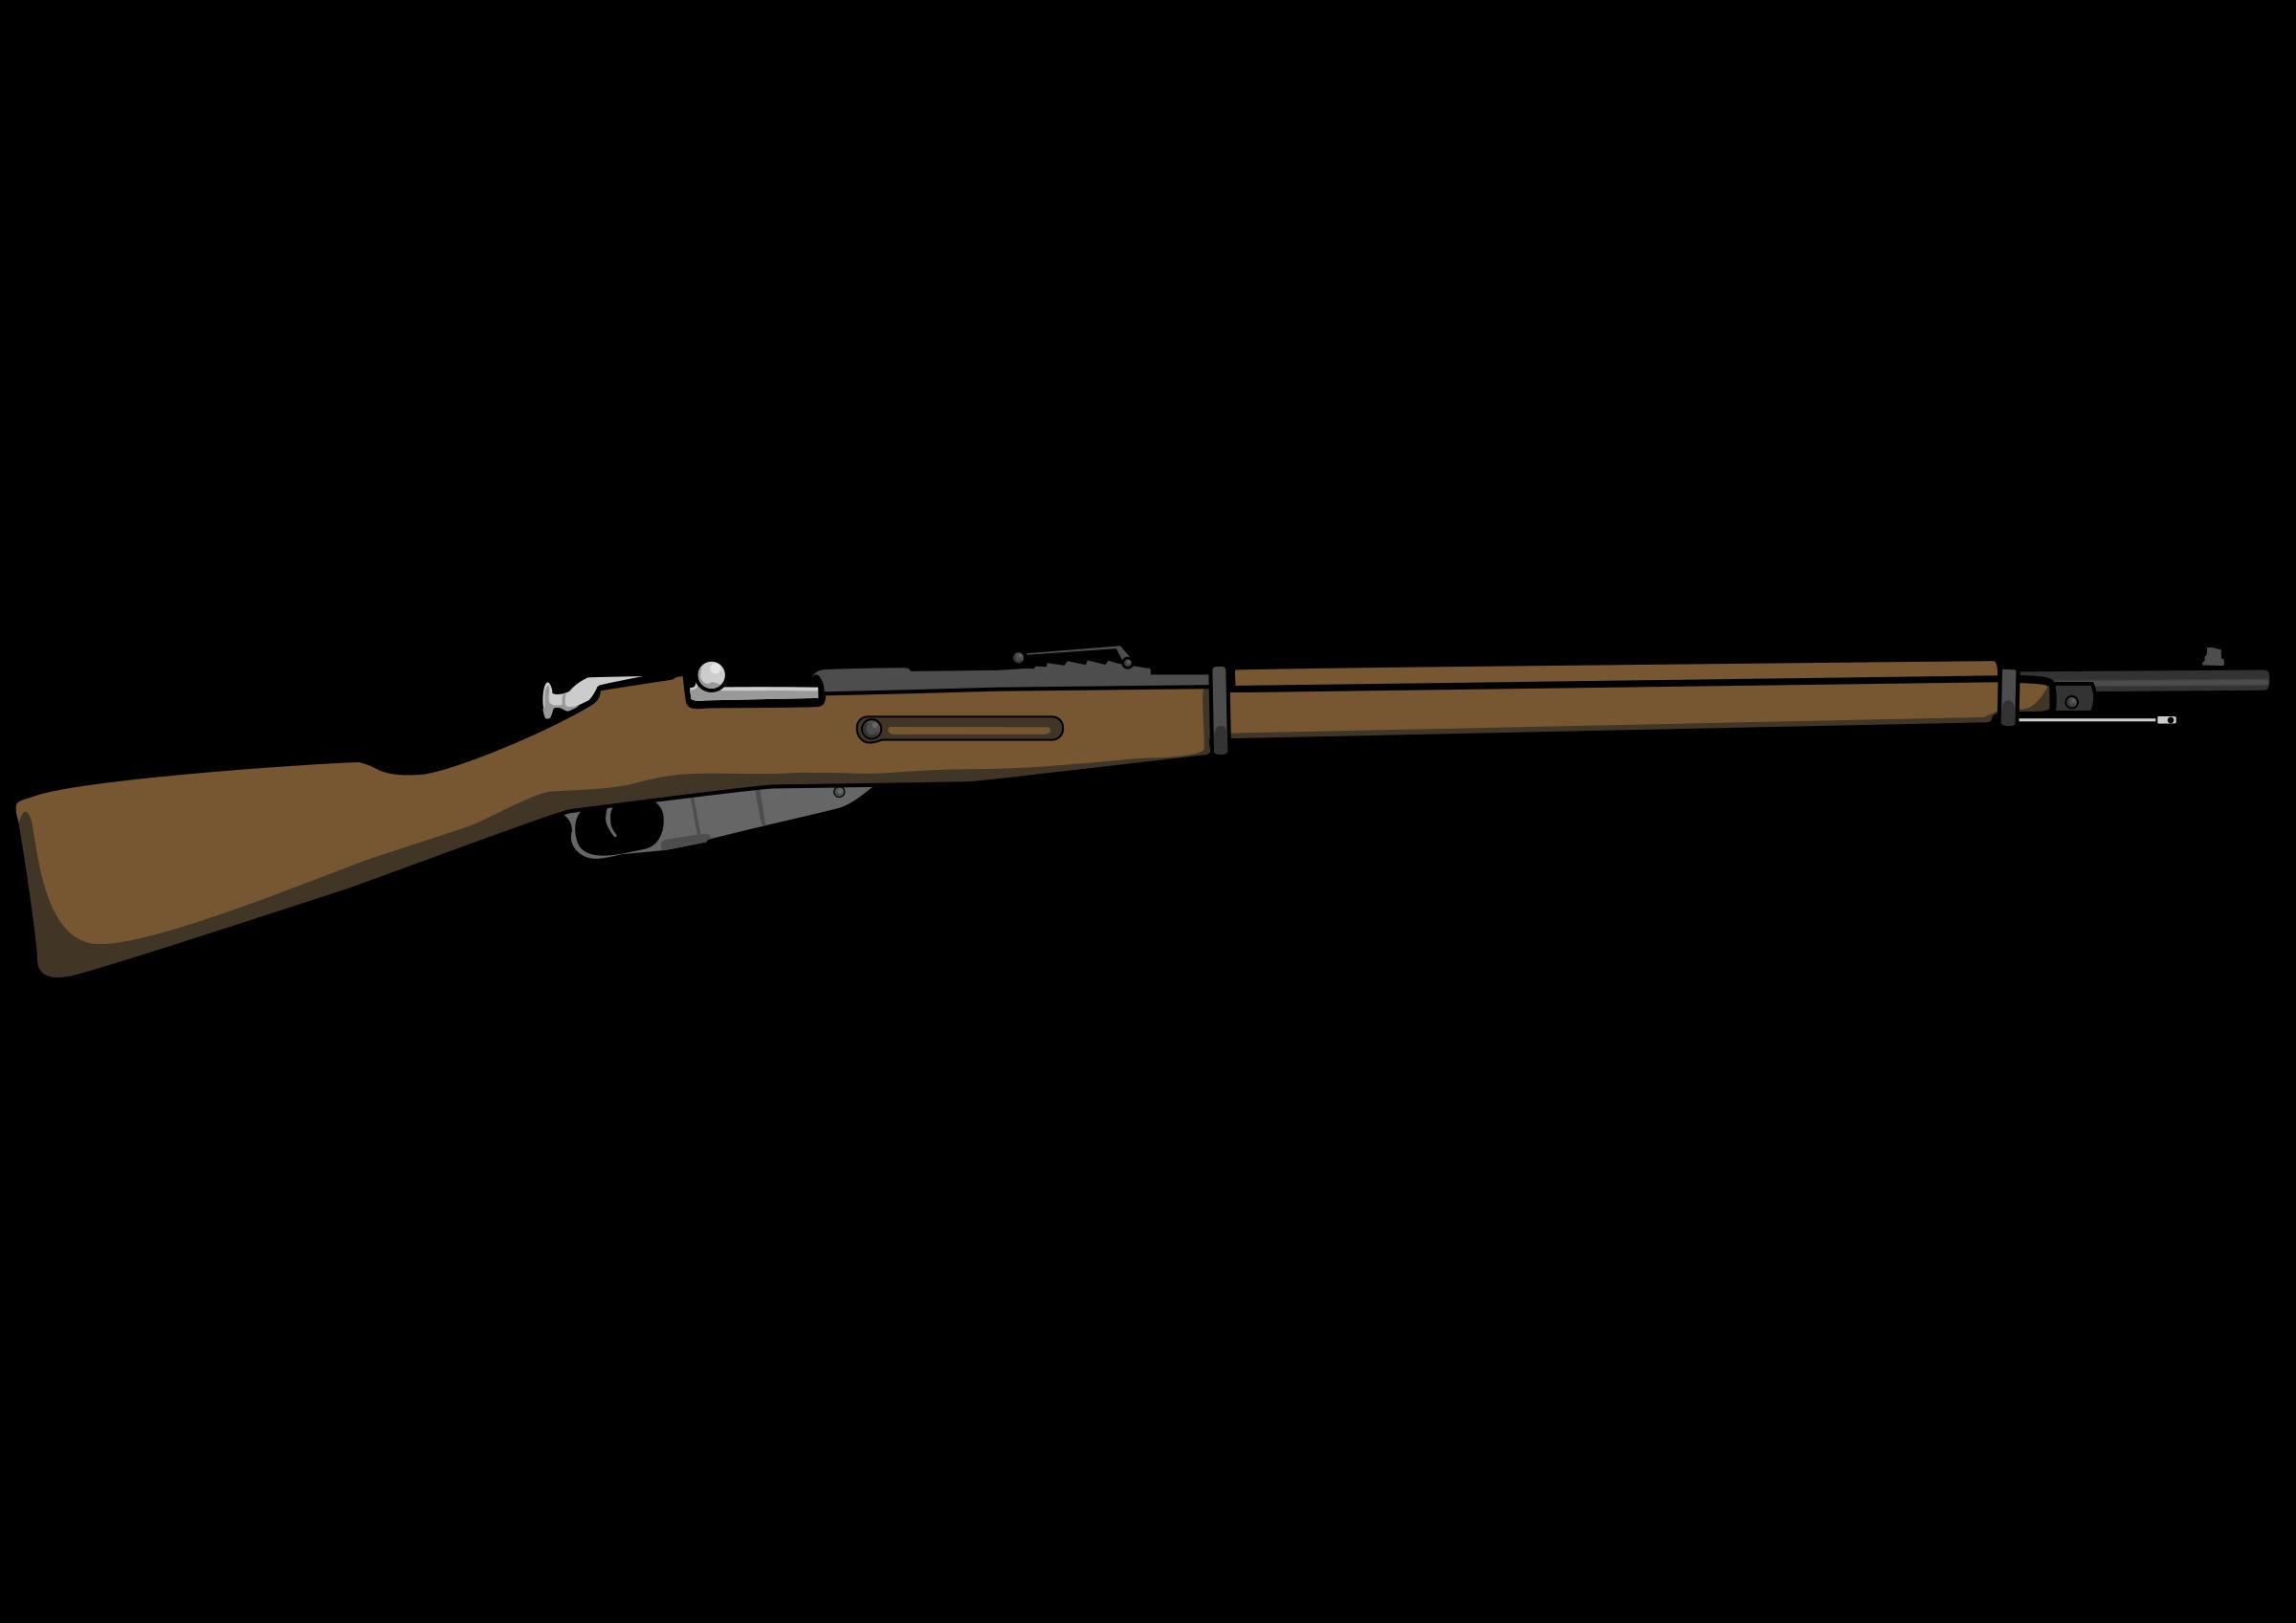 Assault Rifle clipart vietnam war Mosin Clipart 1891 Nagant Mosin